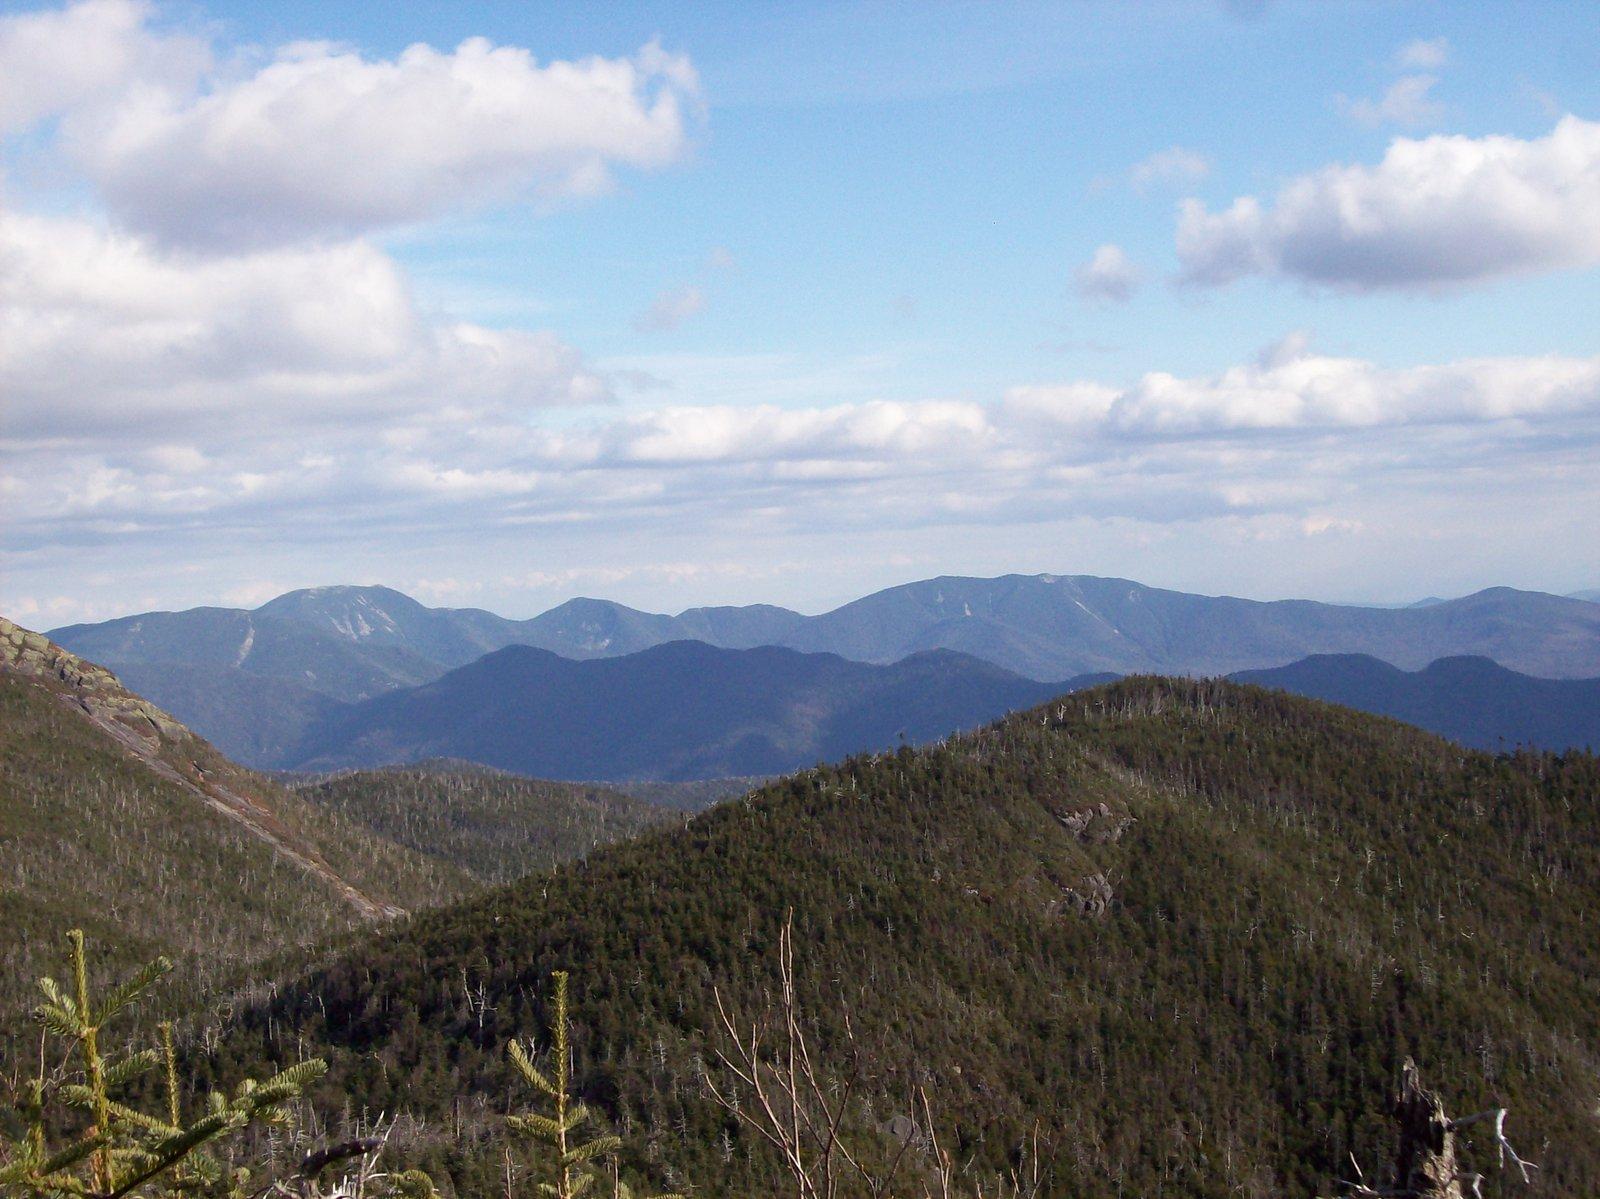 Mt. redfield